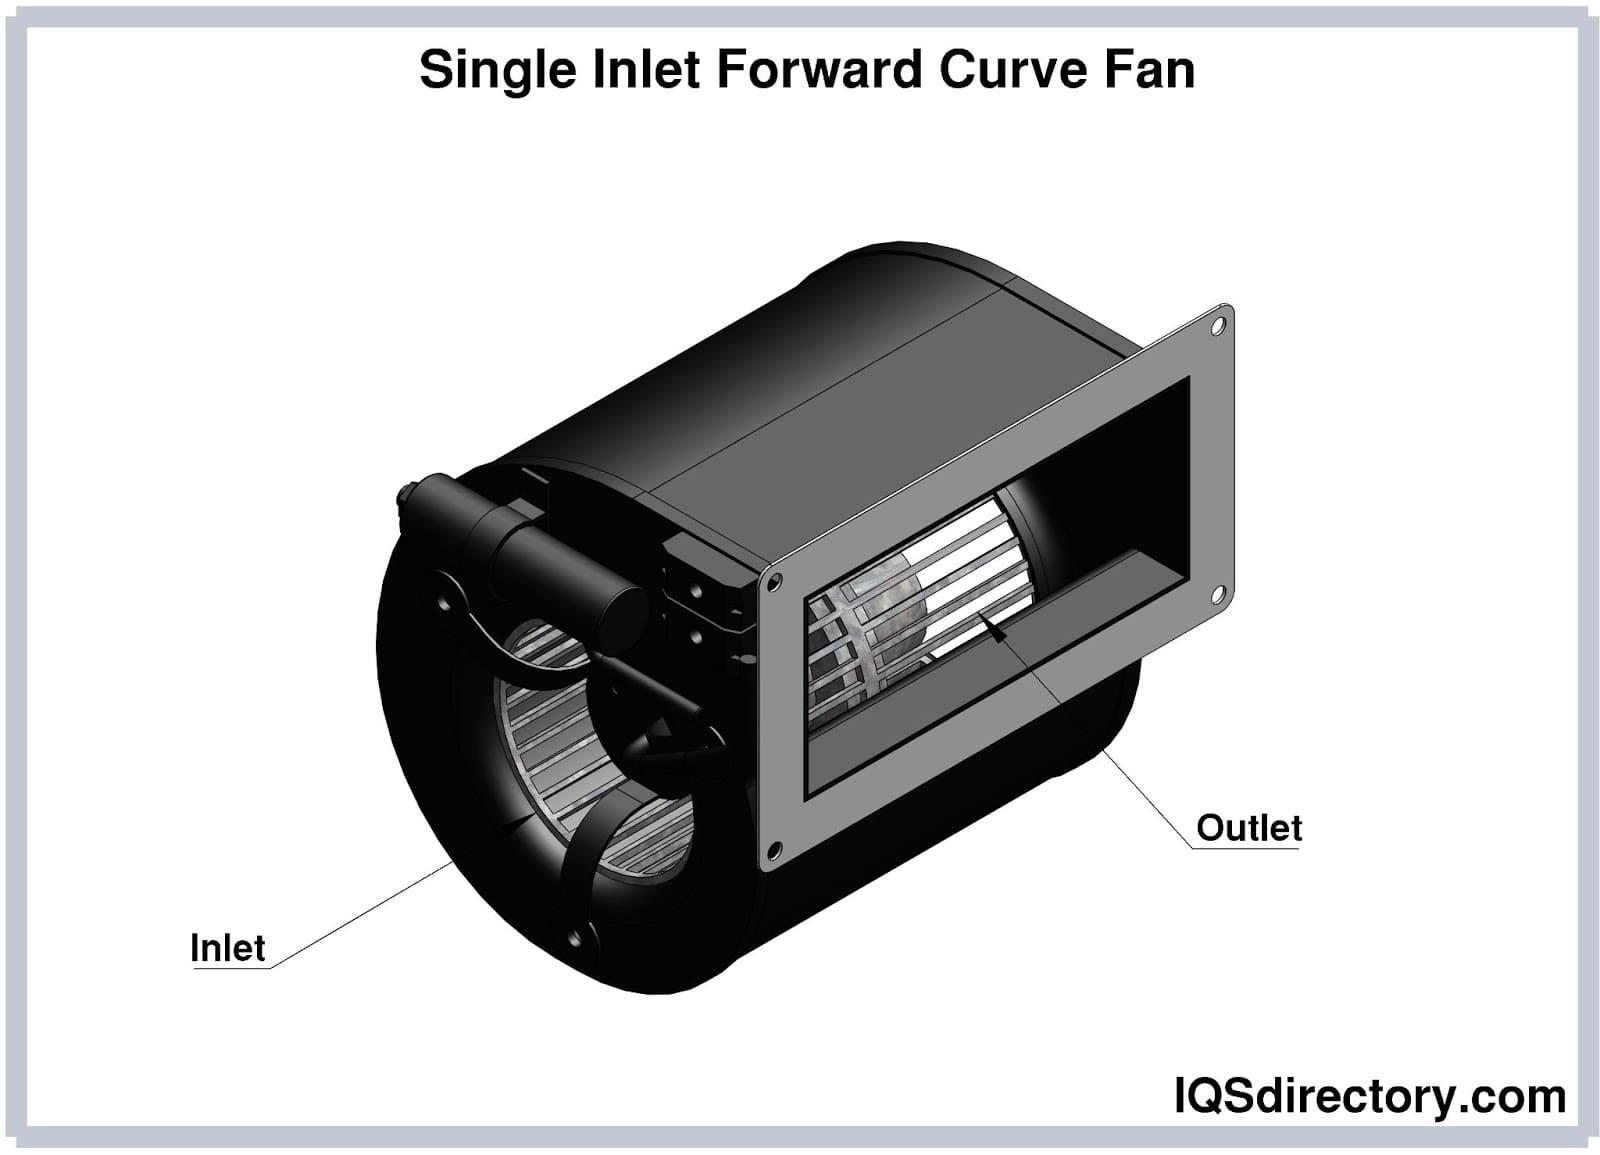 Single Inlet Forward Curved Fan